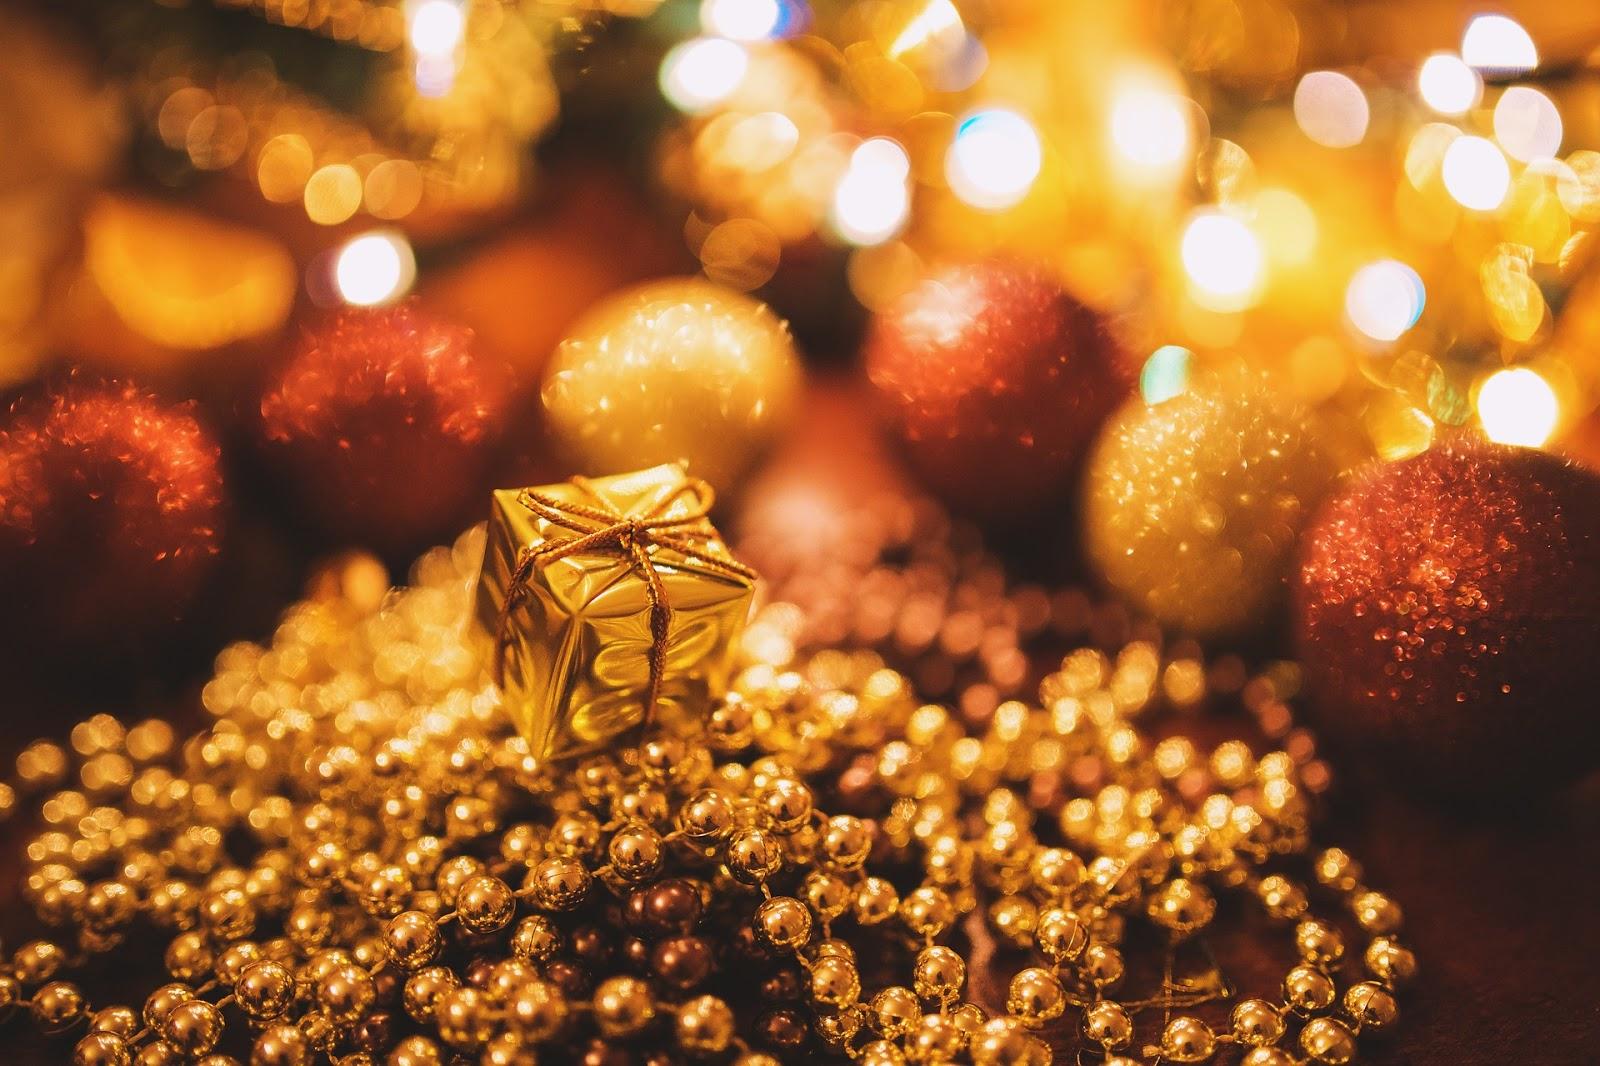 święta, prezenty, pomysły, blog, lista pomysłów, boże narodzenie, christmas, diy gifts